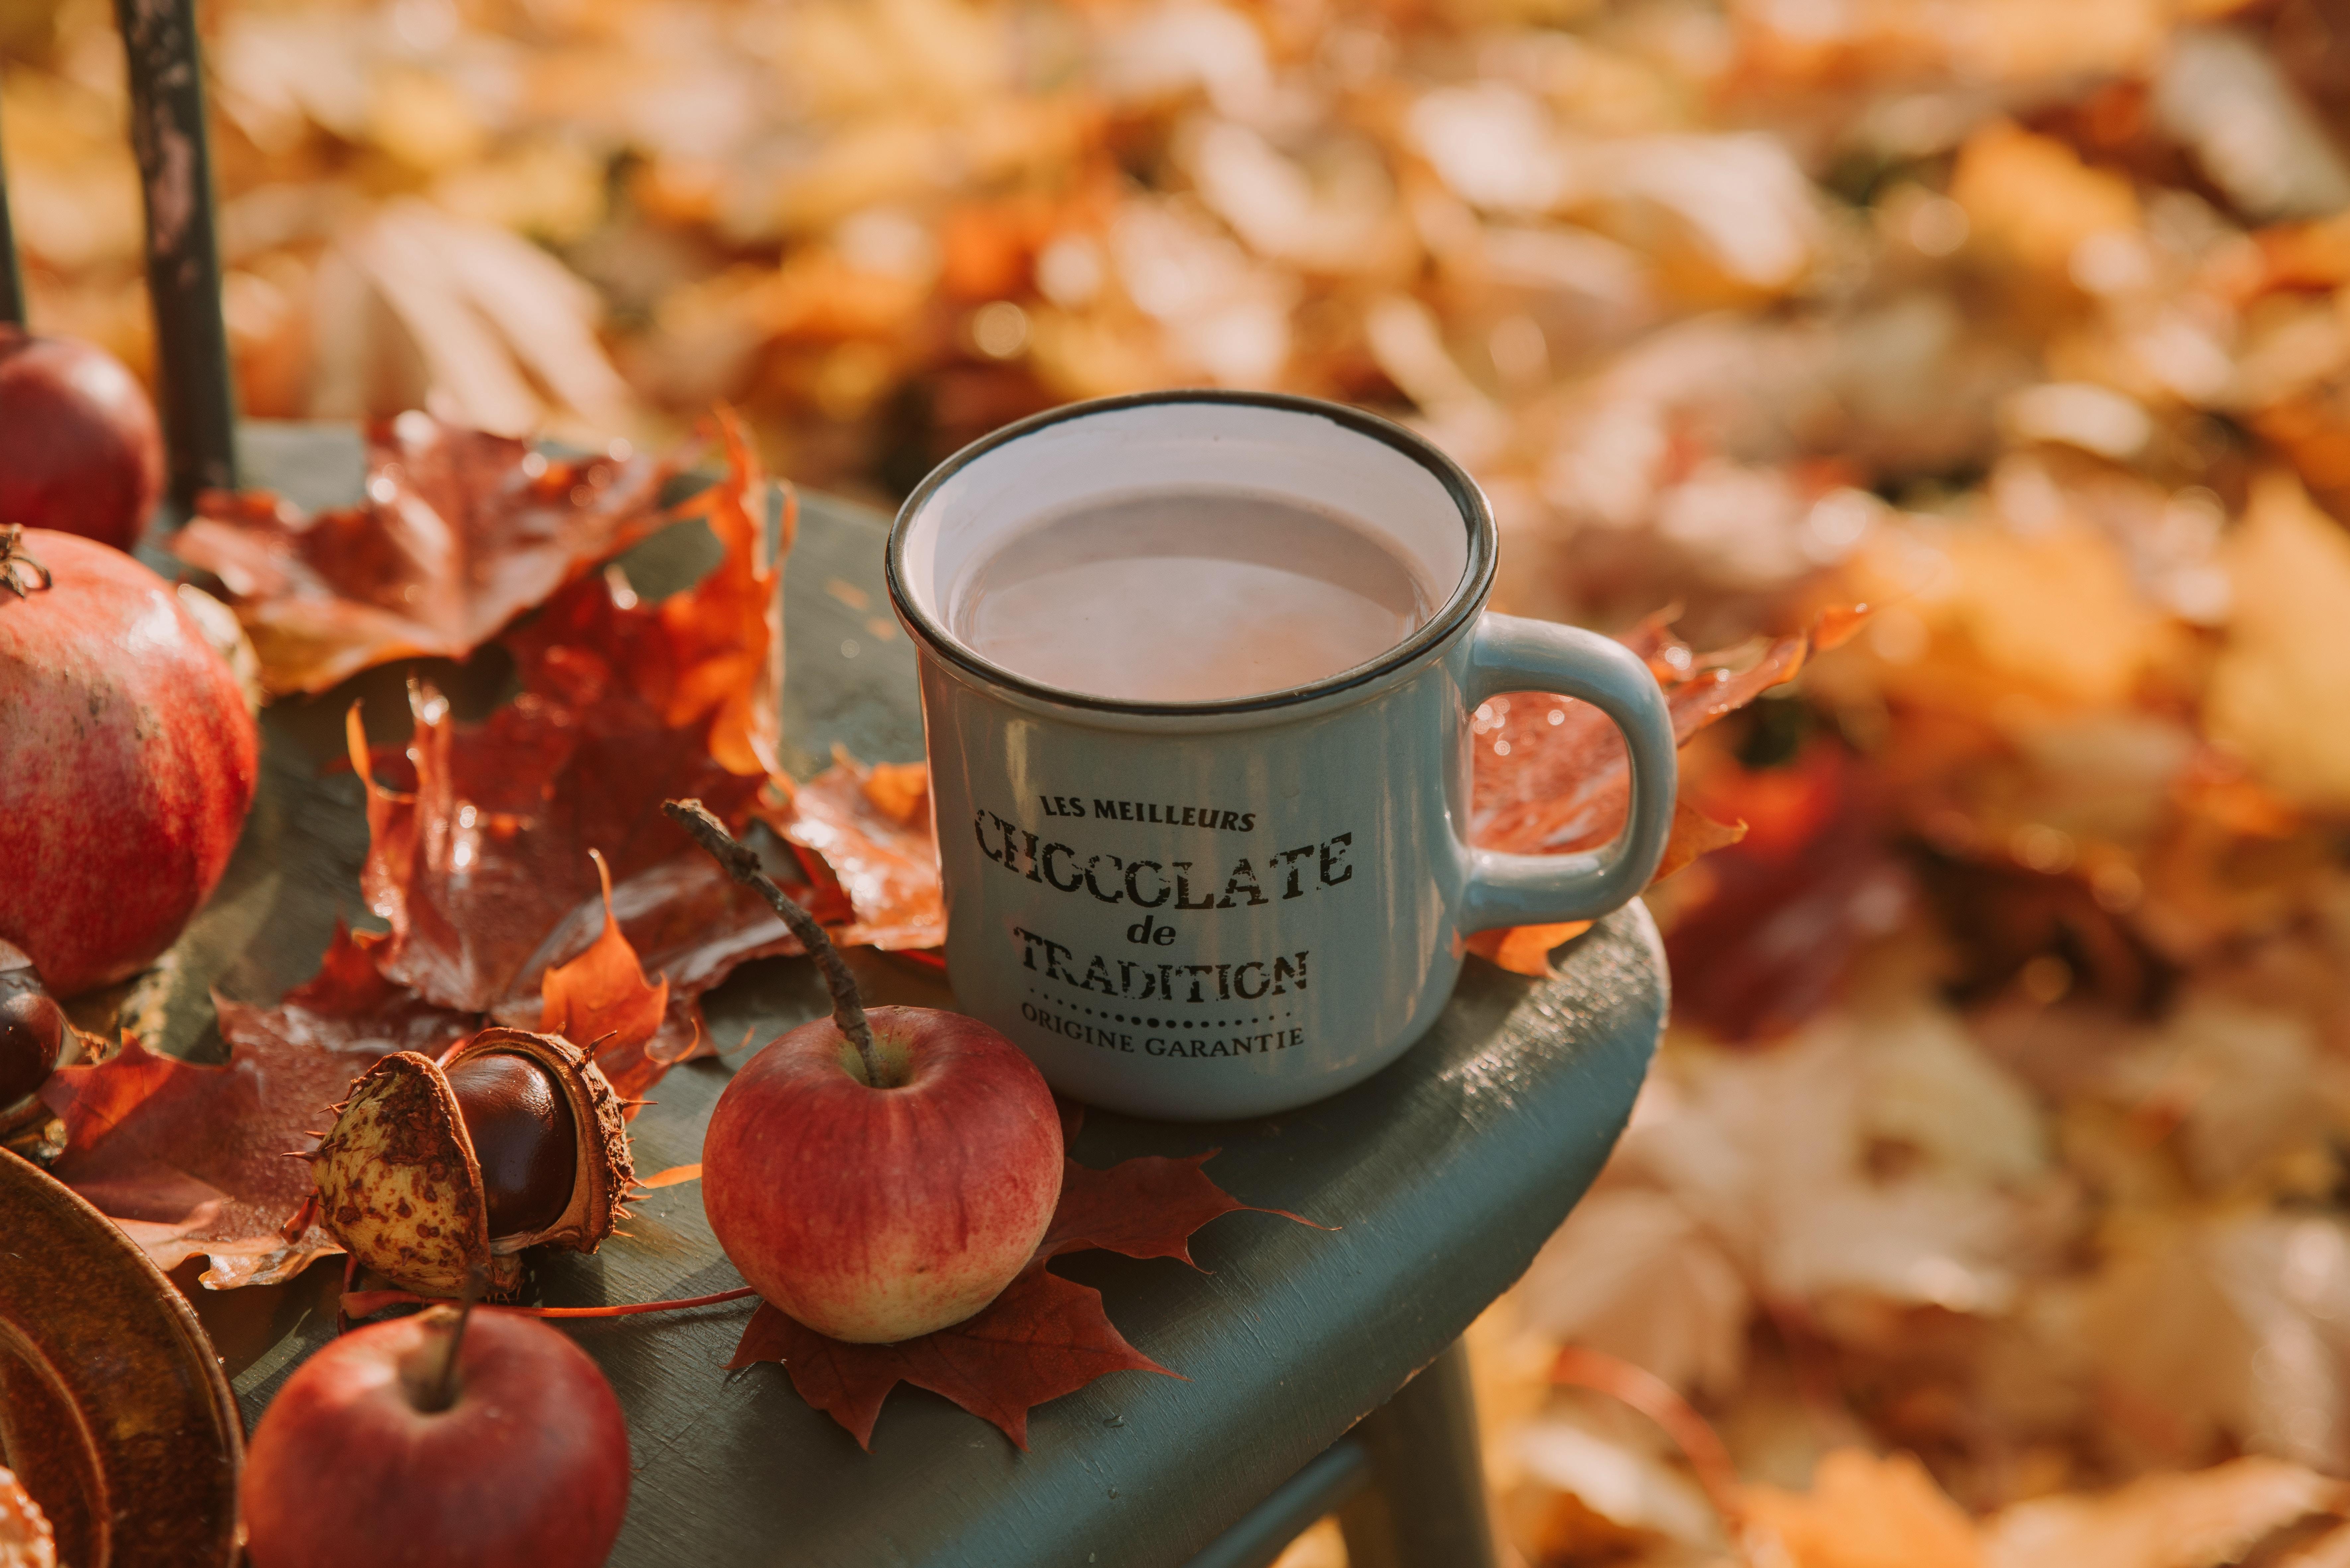 red apples beside white mug